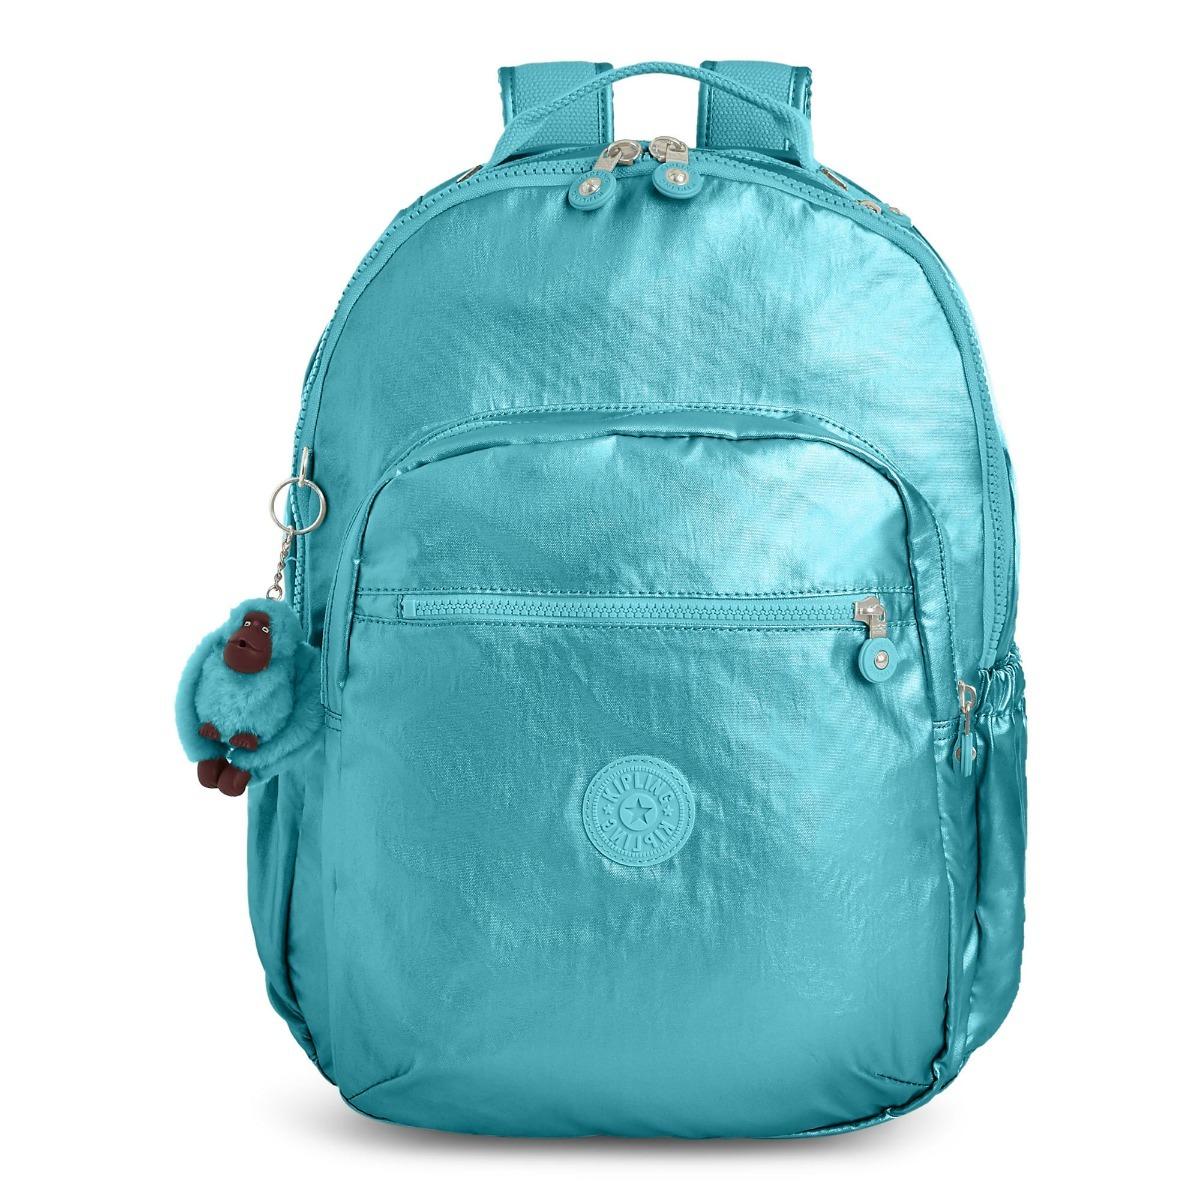 204951fe8 mochila azul metálico kipling original modelo seoul go. Carregando zoom.